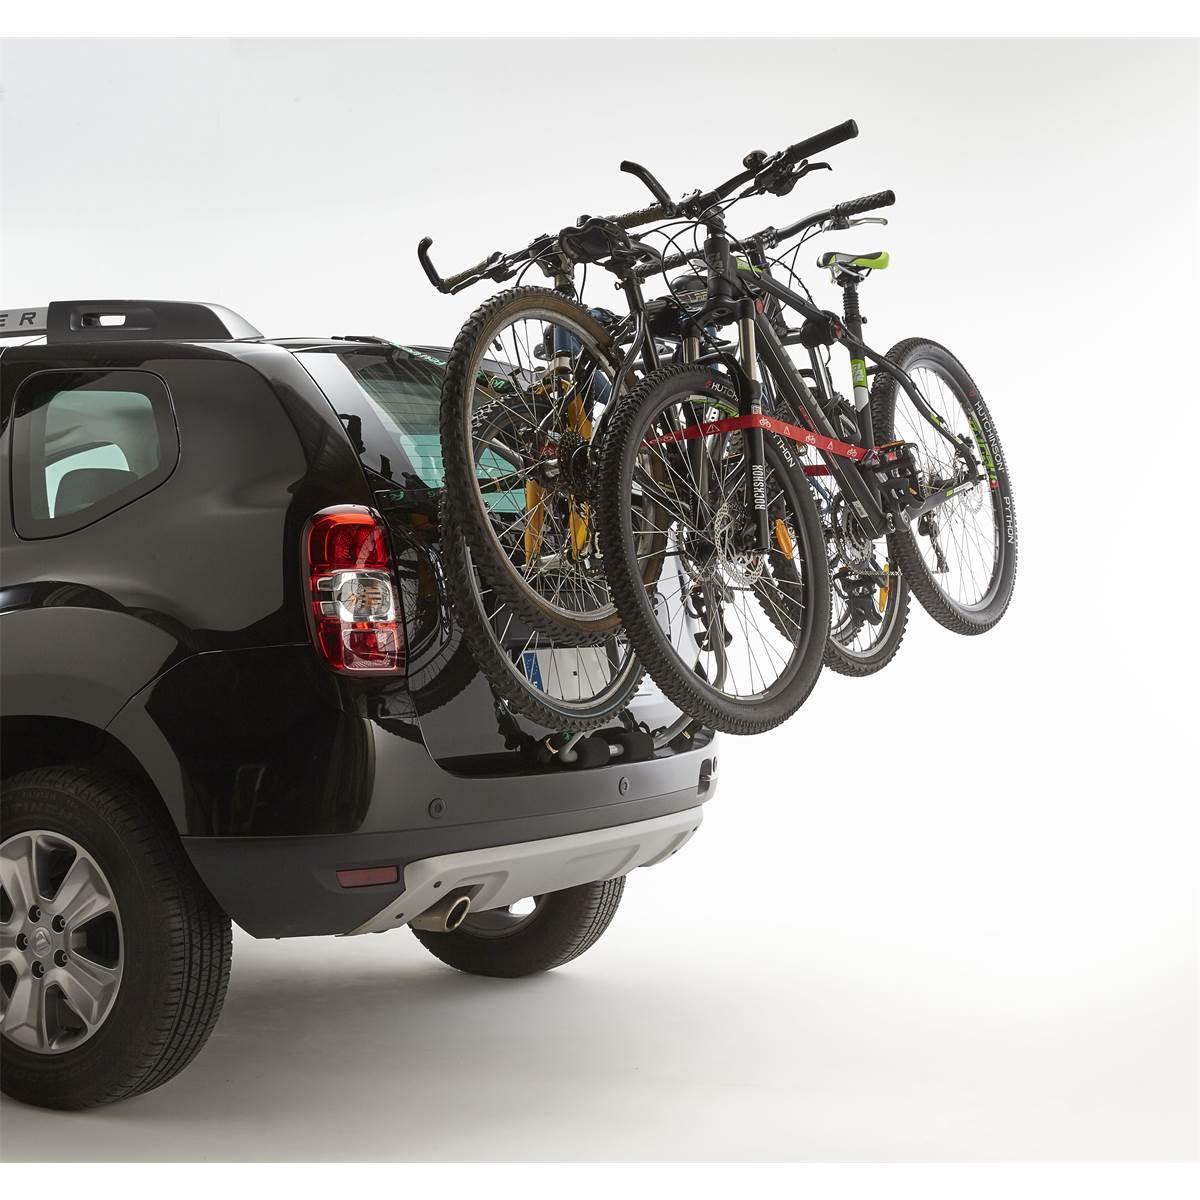 ba5d566e10963a Porte-Vélos sur hayon à sangles Feu Vert RS3V pour 3 vélos - Feu Vert